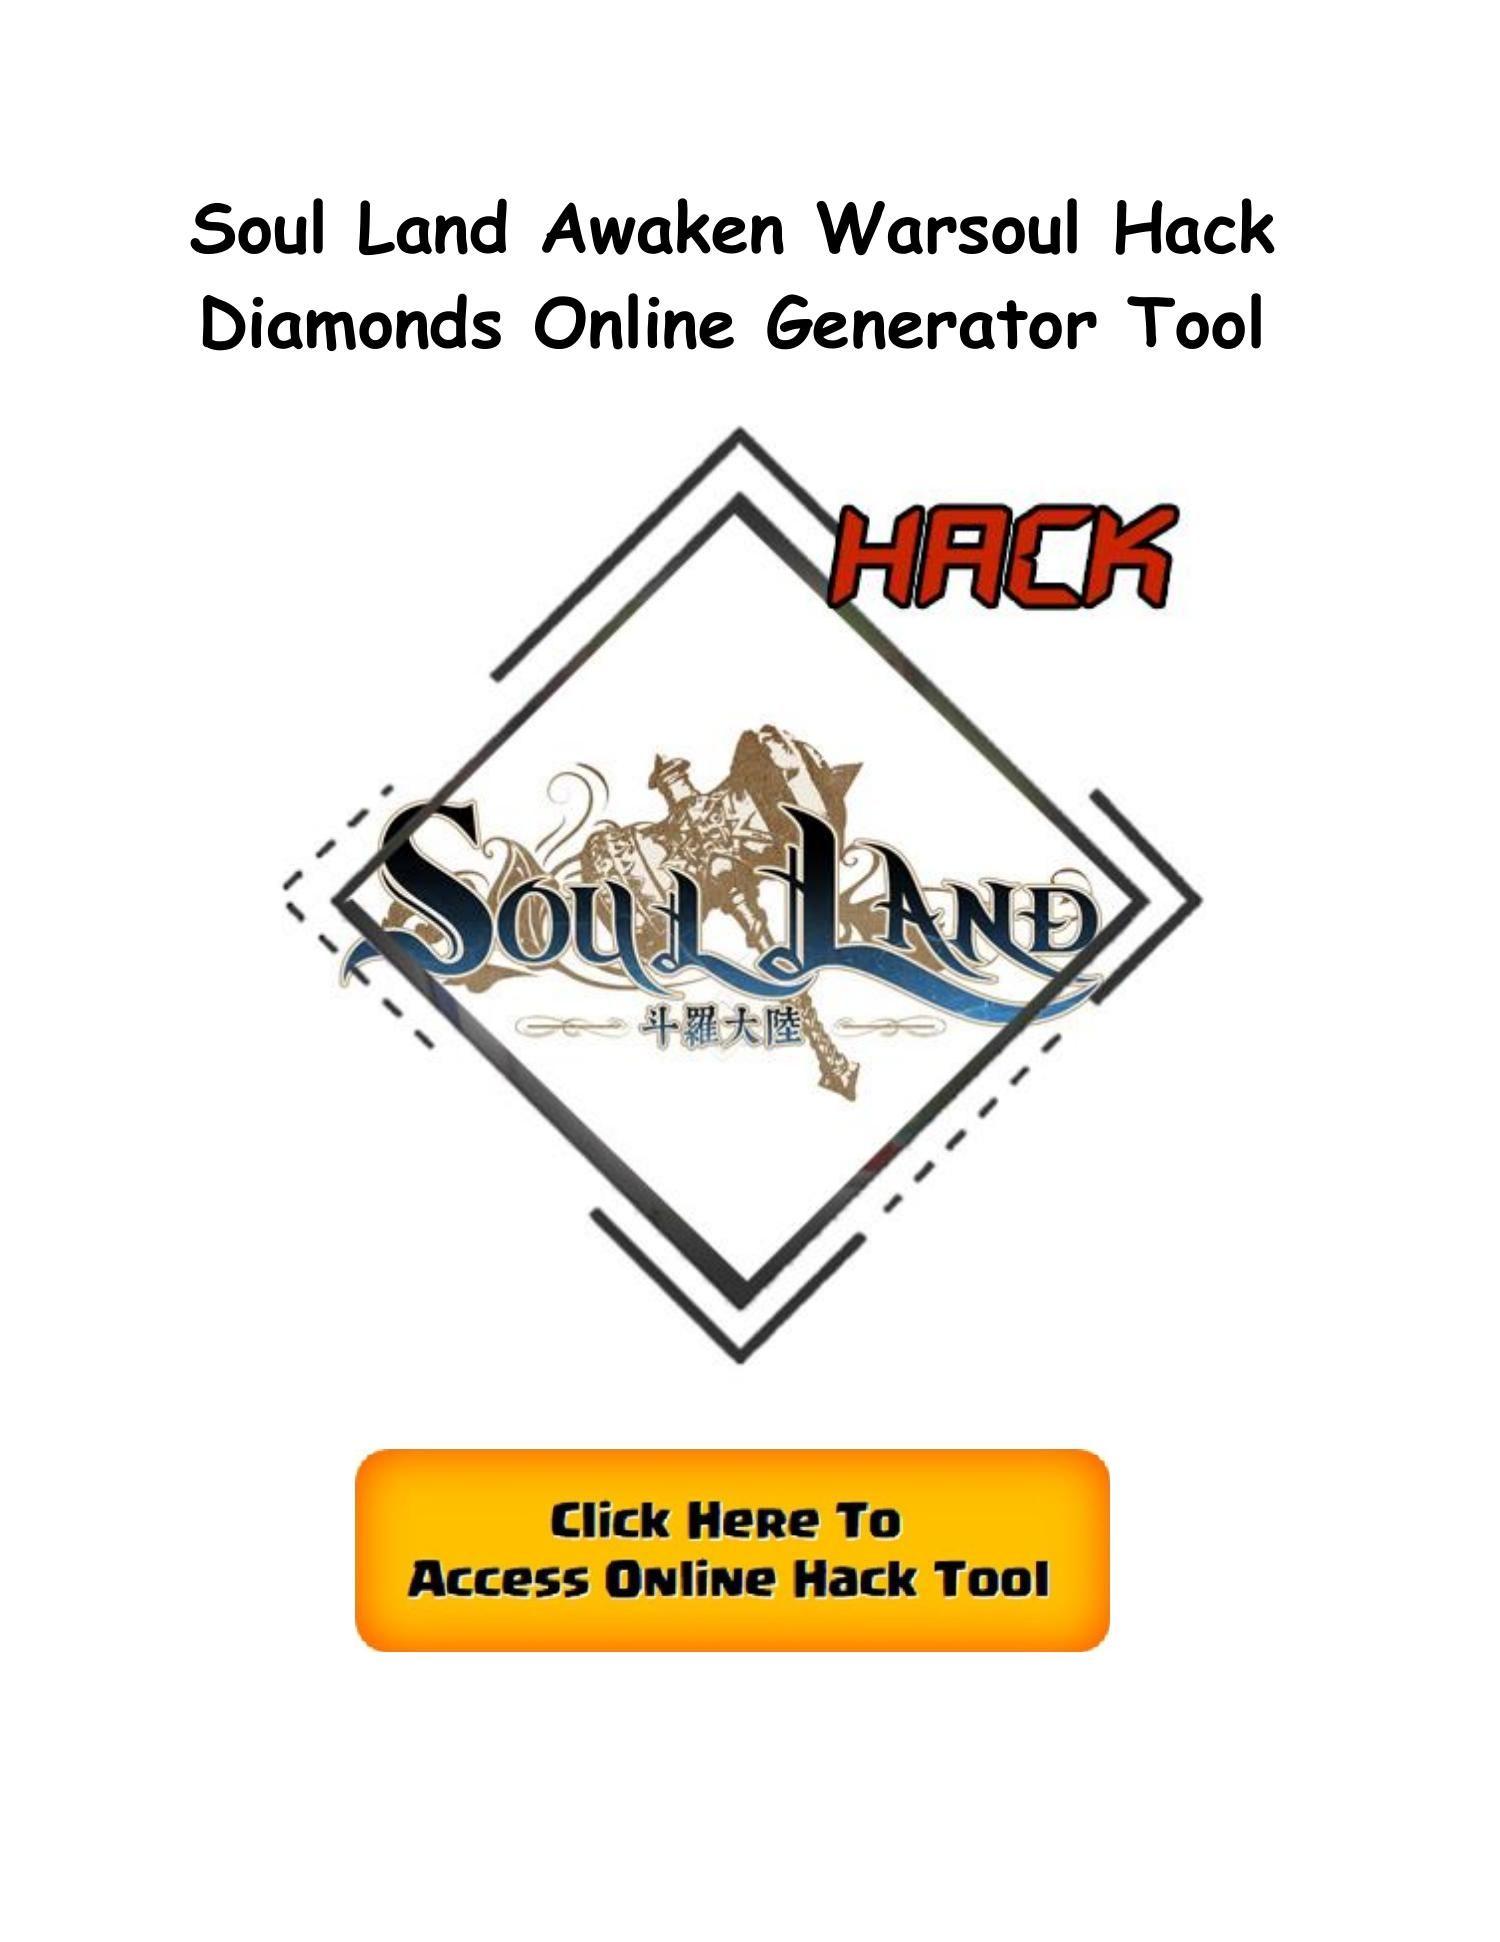 Soul Land Awaken Warsoul Hack Diamonds Generator Android Ios Awakening Fun Online Games How To Hack Games